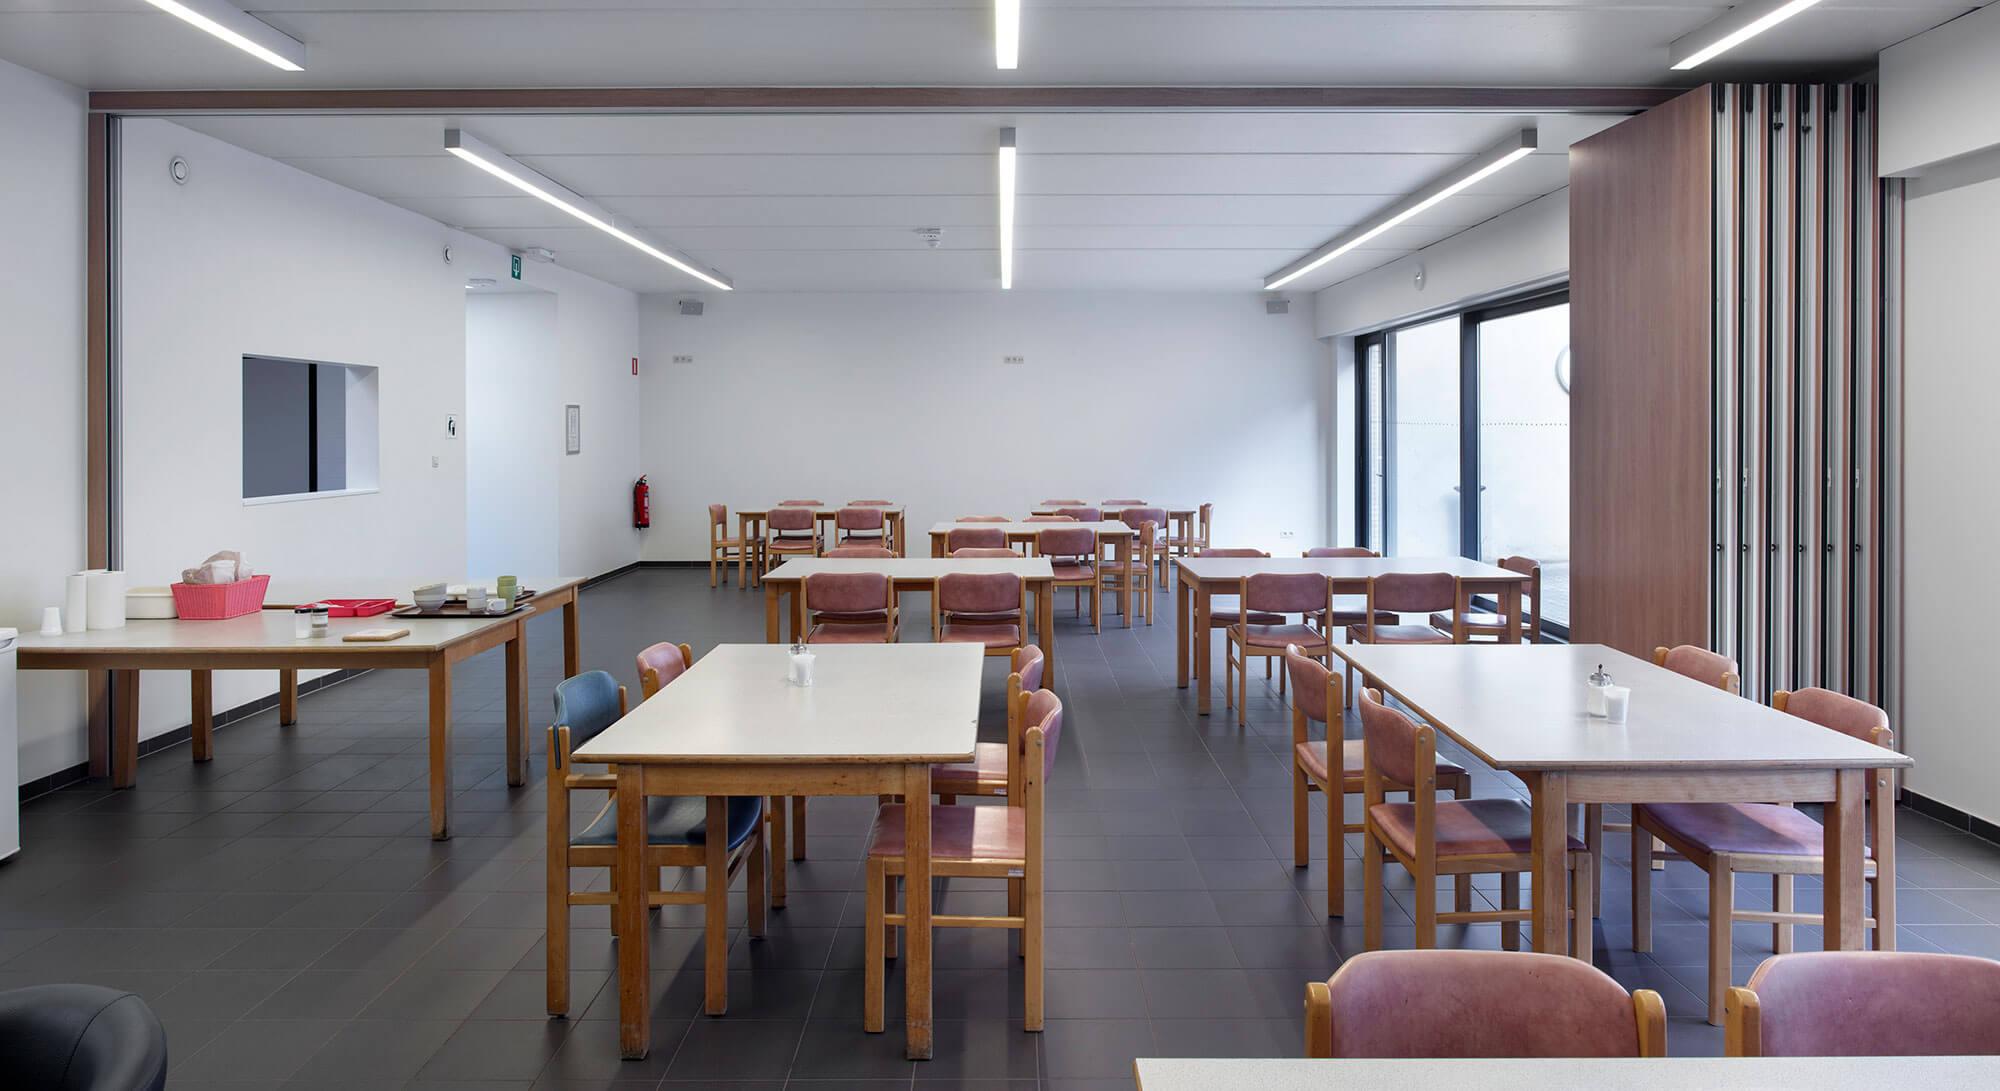 Nachtopvang_Gent_Refter_Modulaire_Muur_open.jpg